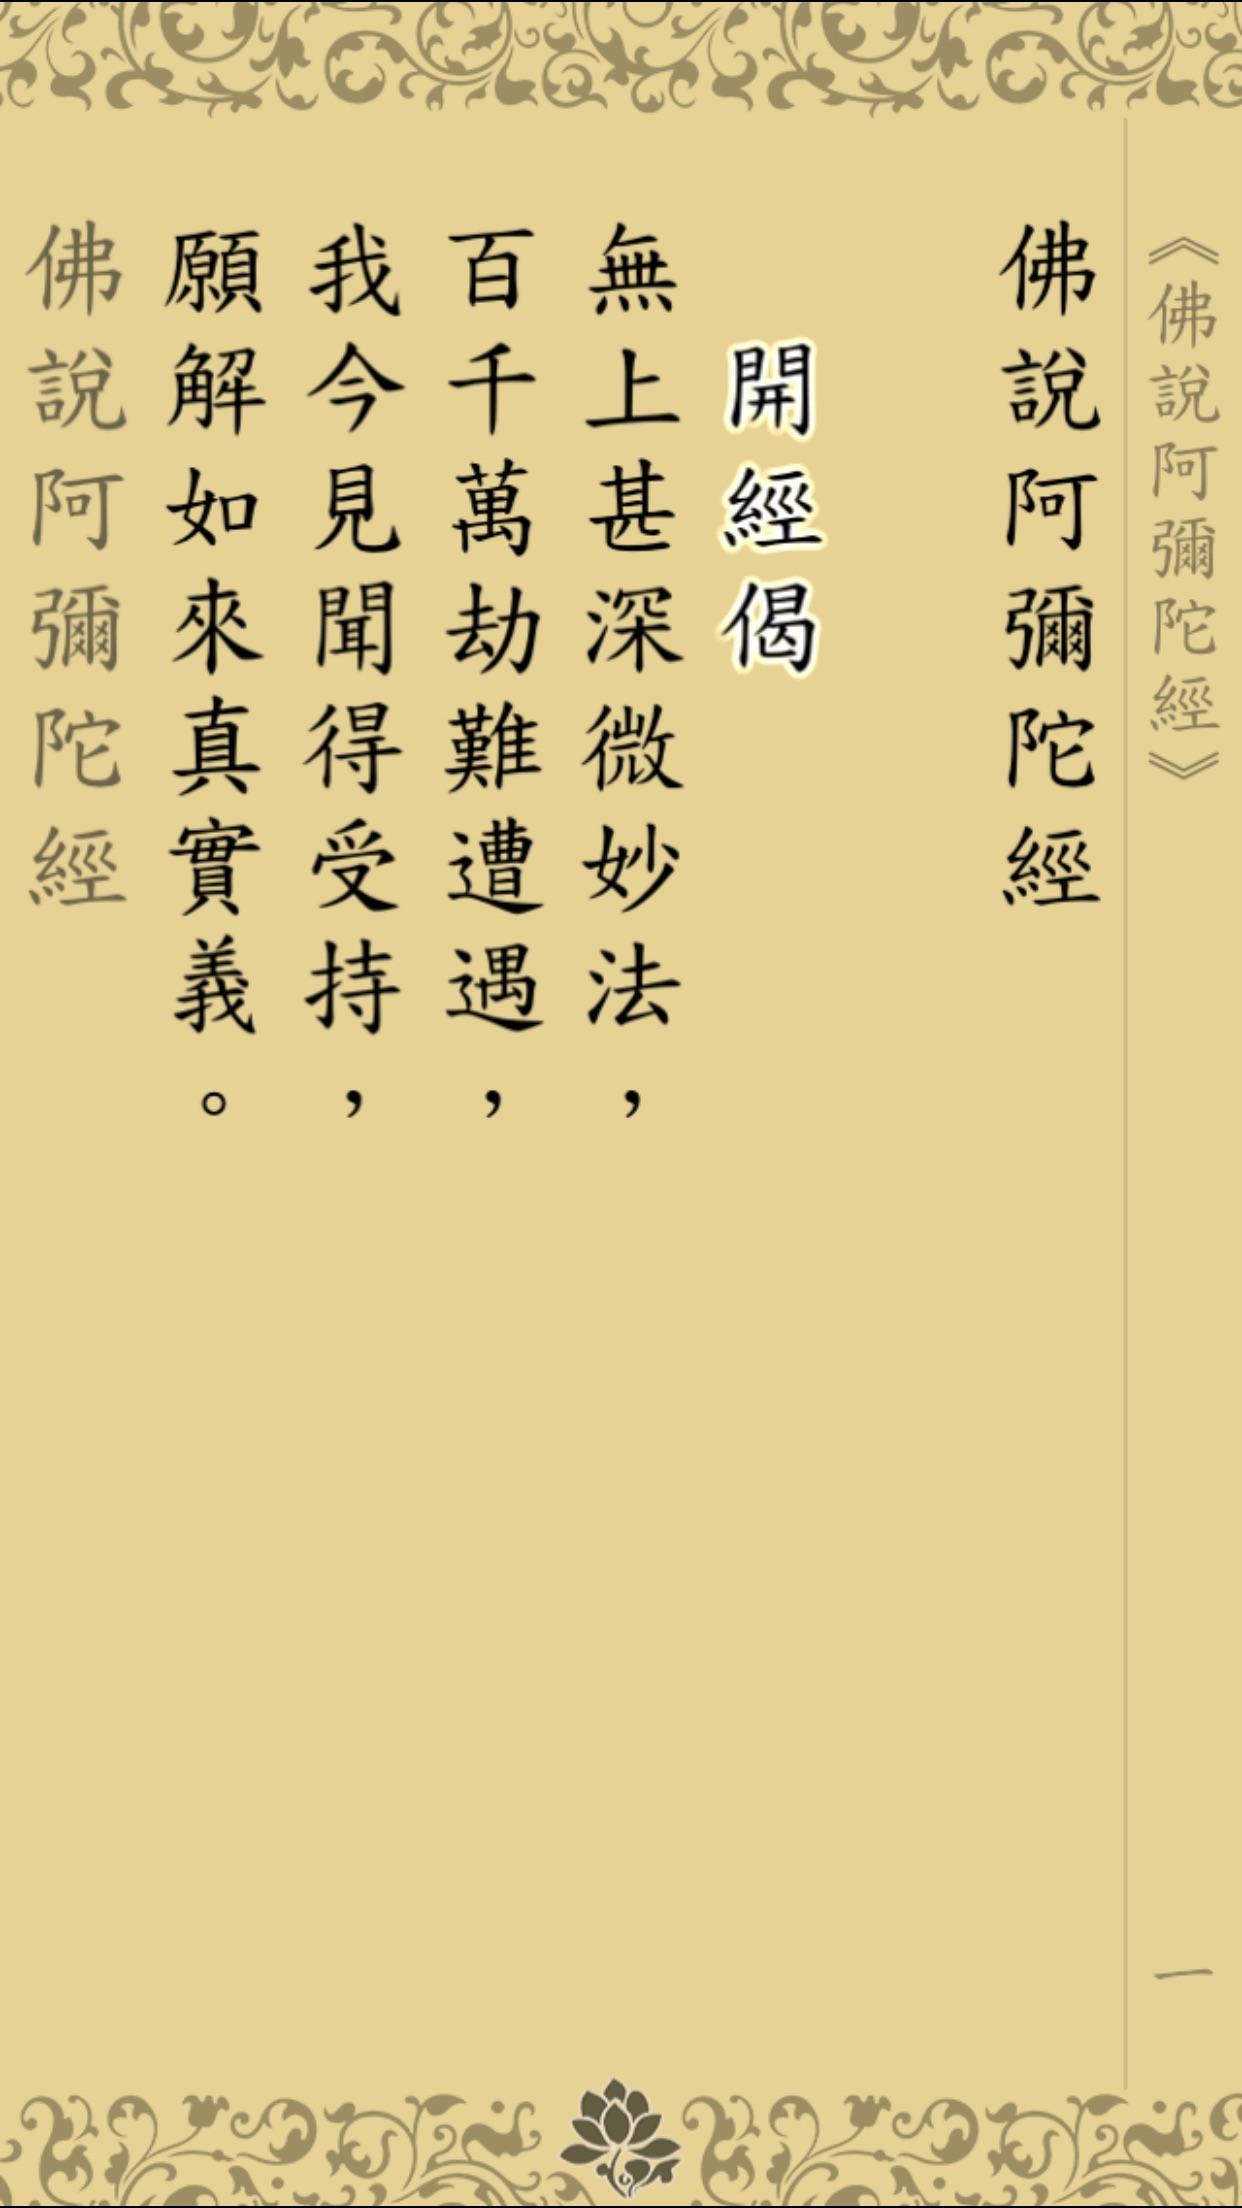 阿彌陀經(唱誦) Screenshot